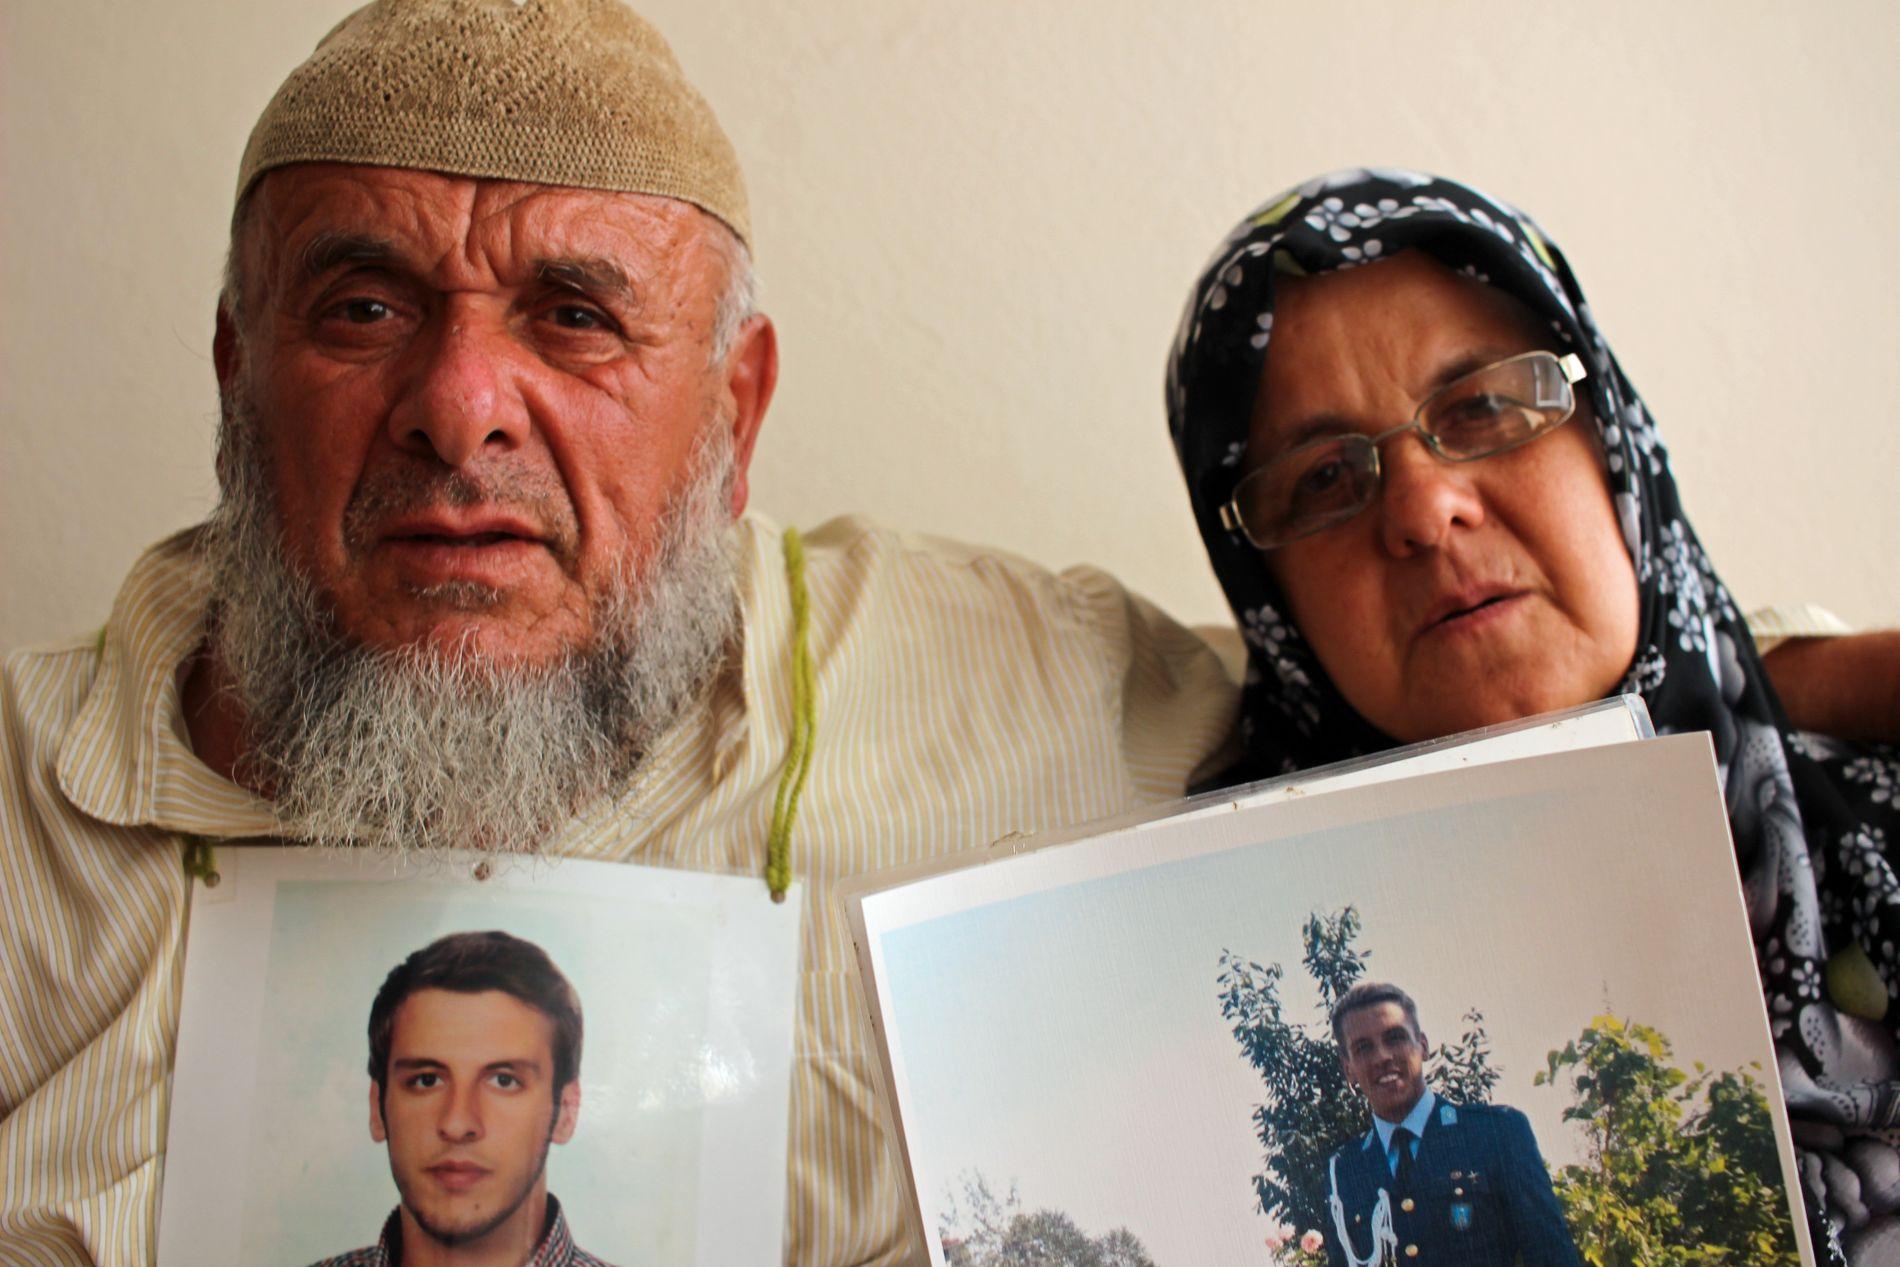 SAMMEN FOR SØNNEN: Veysil Kilic (65) og Makbule (60) håper sønnen Selahattin snart slippes ut av varetektsfengslingen.